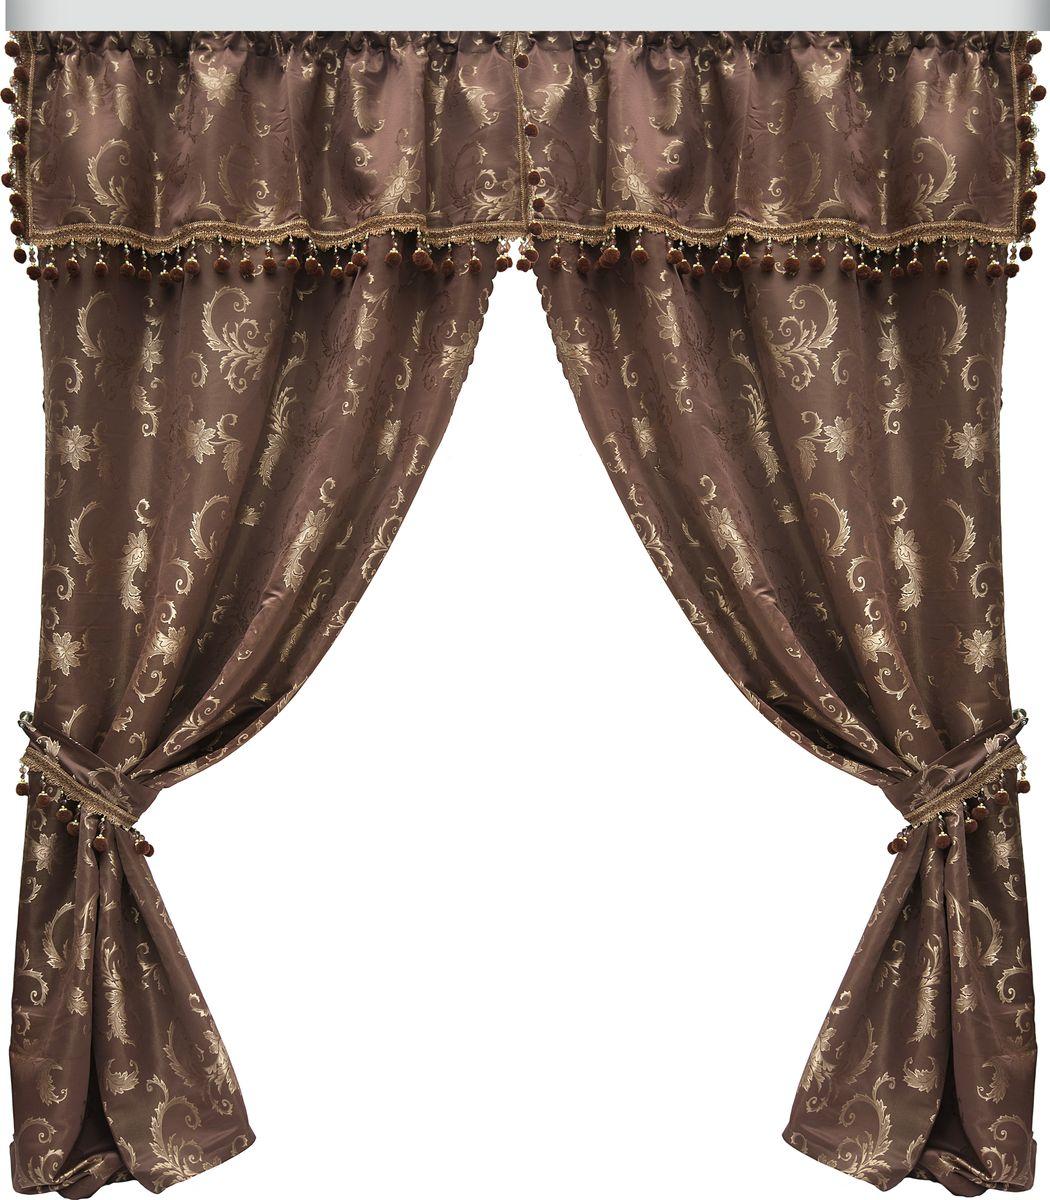 Комплект штор Zlata Korunka, на ленте, цвет: коричневый, высота 265 см. 777074777074Роскошный комплект штор Zlata Korunka, выполненный из 100% полиэстера великолепно украсит любое окно. Комплект состоит из двух штор и двух подхватов. Сочетание плотной ткани, оригинального орнамента и приятной, приглушенной гаммы привлечет к себе внимание и органично впишется в интерьер помещения. Комплект крепится на карниз при помощи шторной ленты, которая поможет красиво и равномерно задрапировать верх. Шторы можно зафиксировать в одном положении с помощью двух подхватов. Этот комплект будет долгое время радовать вас и вашу семью!